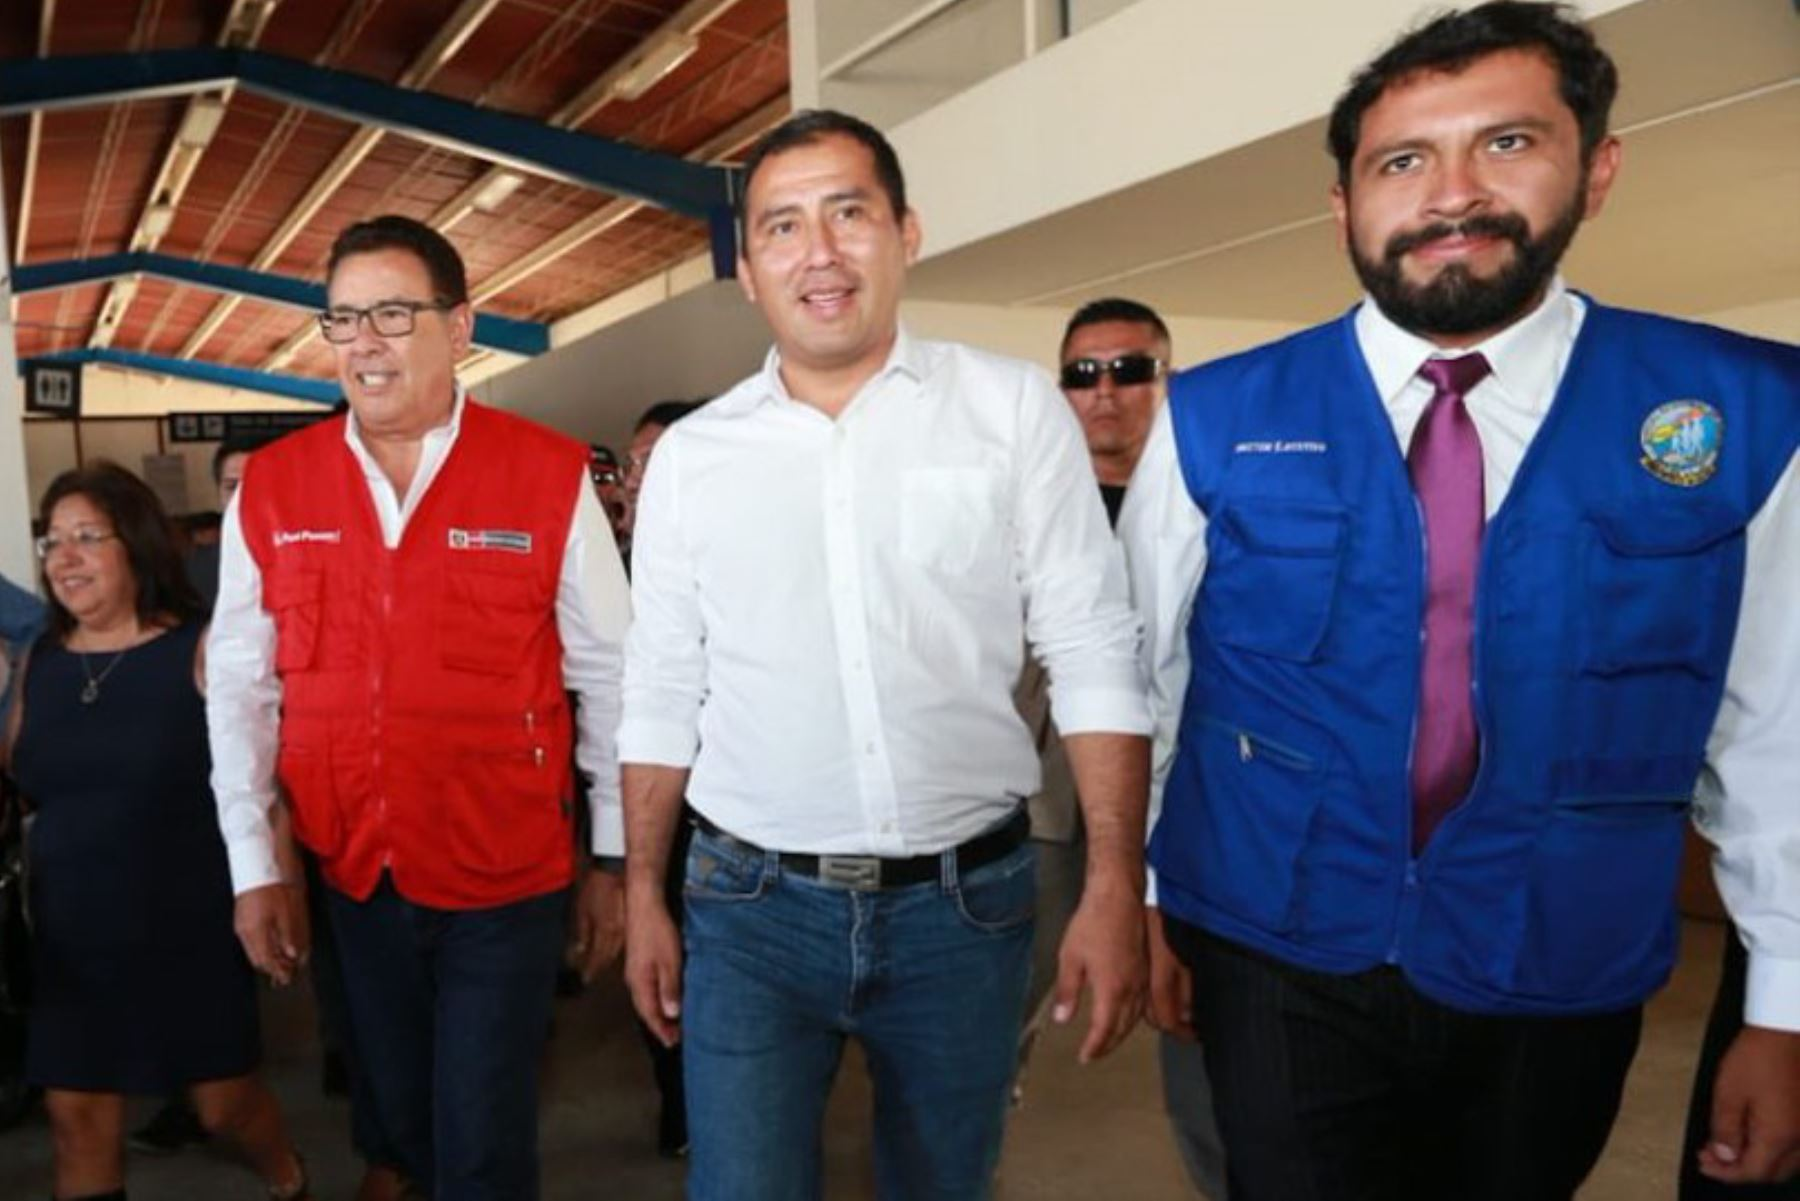 El ministro de Defensa, José Huerta, llegó hoy a Chimbote, en la región Áncash, para coordinar con el gobernador regional, Juan Carlos Morillo, y los alcaldes las acciones de prevención y atención de emergencias ocasionadas por lluvias y huaicos en la región.